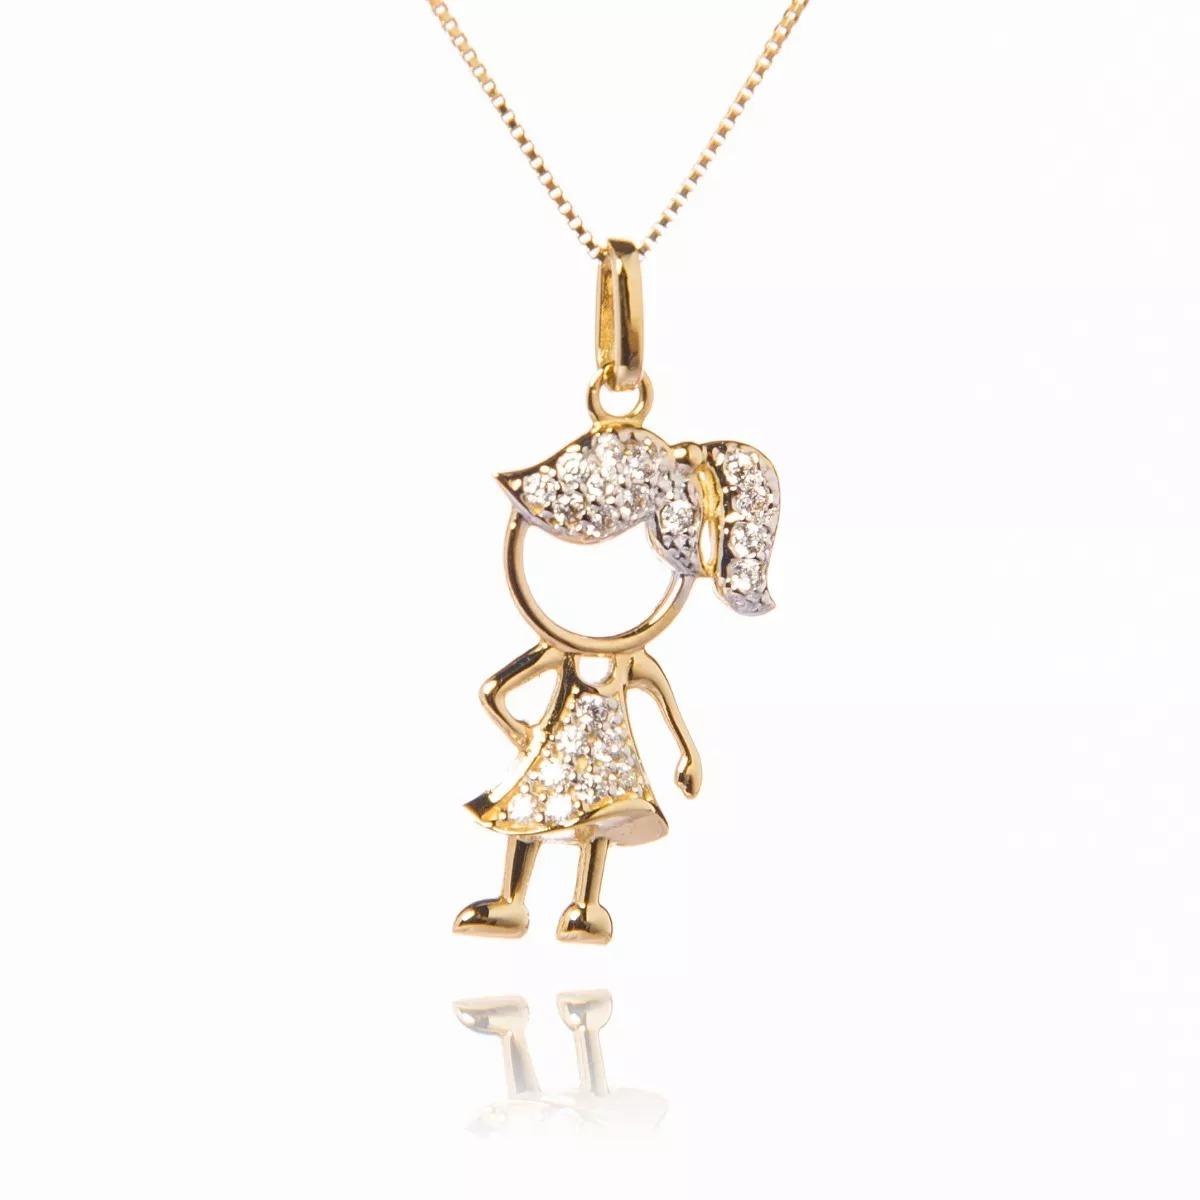 pingente menina g de ouro 18k e diamantes vivarjoias q02. Carregando zoom. 1632e8c5ff